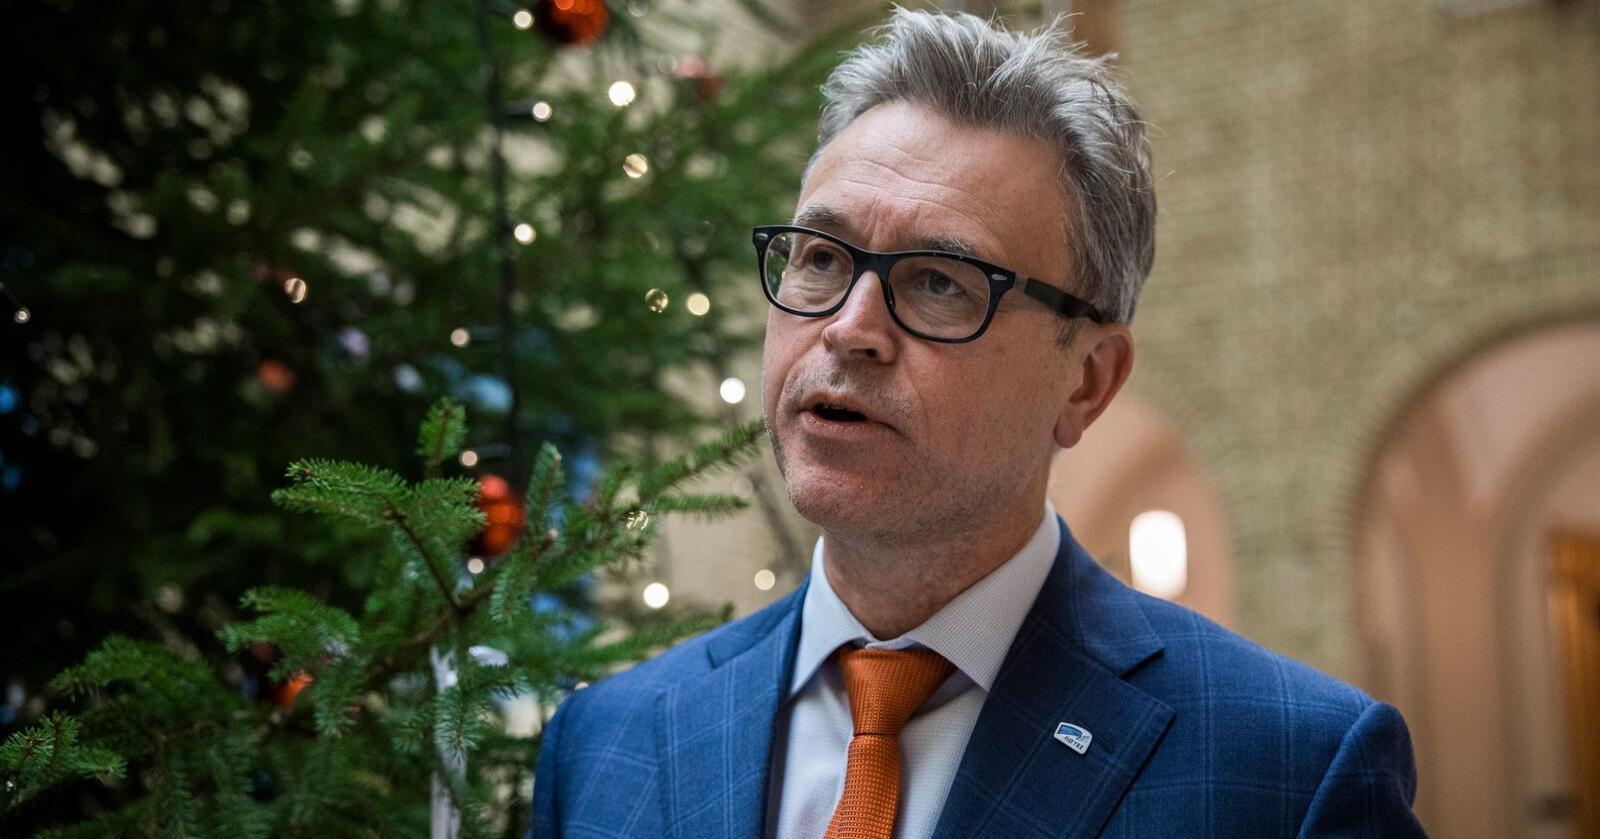 Fiskeri- og sjømatminister Odd Emil Ingebrigtsen (H) la fram tiltakene mot fiskerikriminalitet onsdag. Foto: Jil Yngland / NTB